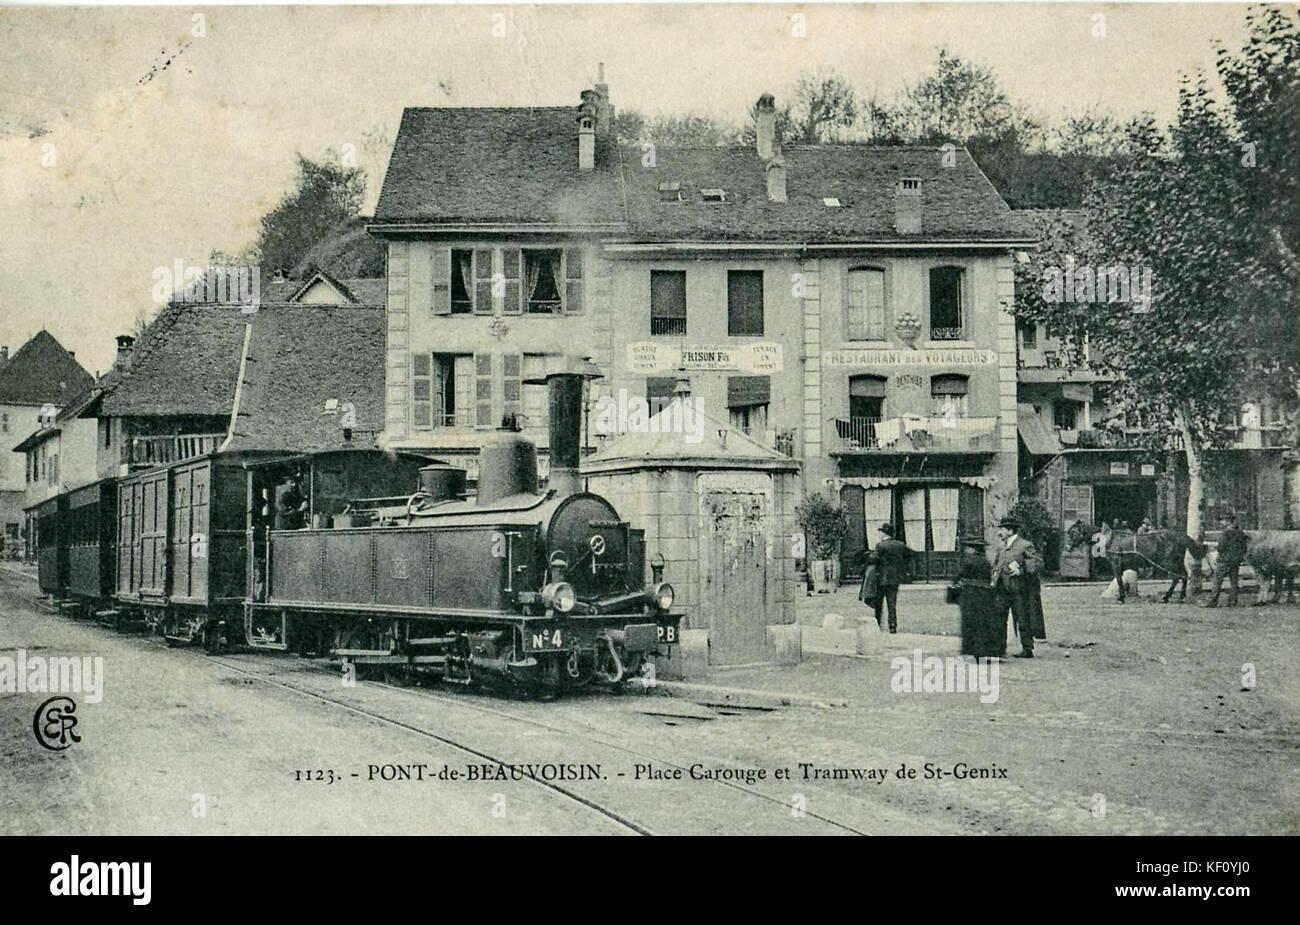 ER 1123 PONT DE BEAUVOISIN Lugar Carouge et Tramway de St Genix Foto de stock